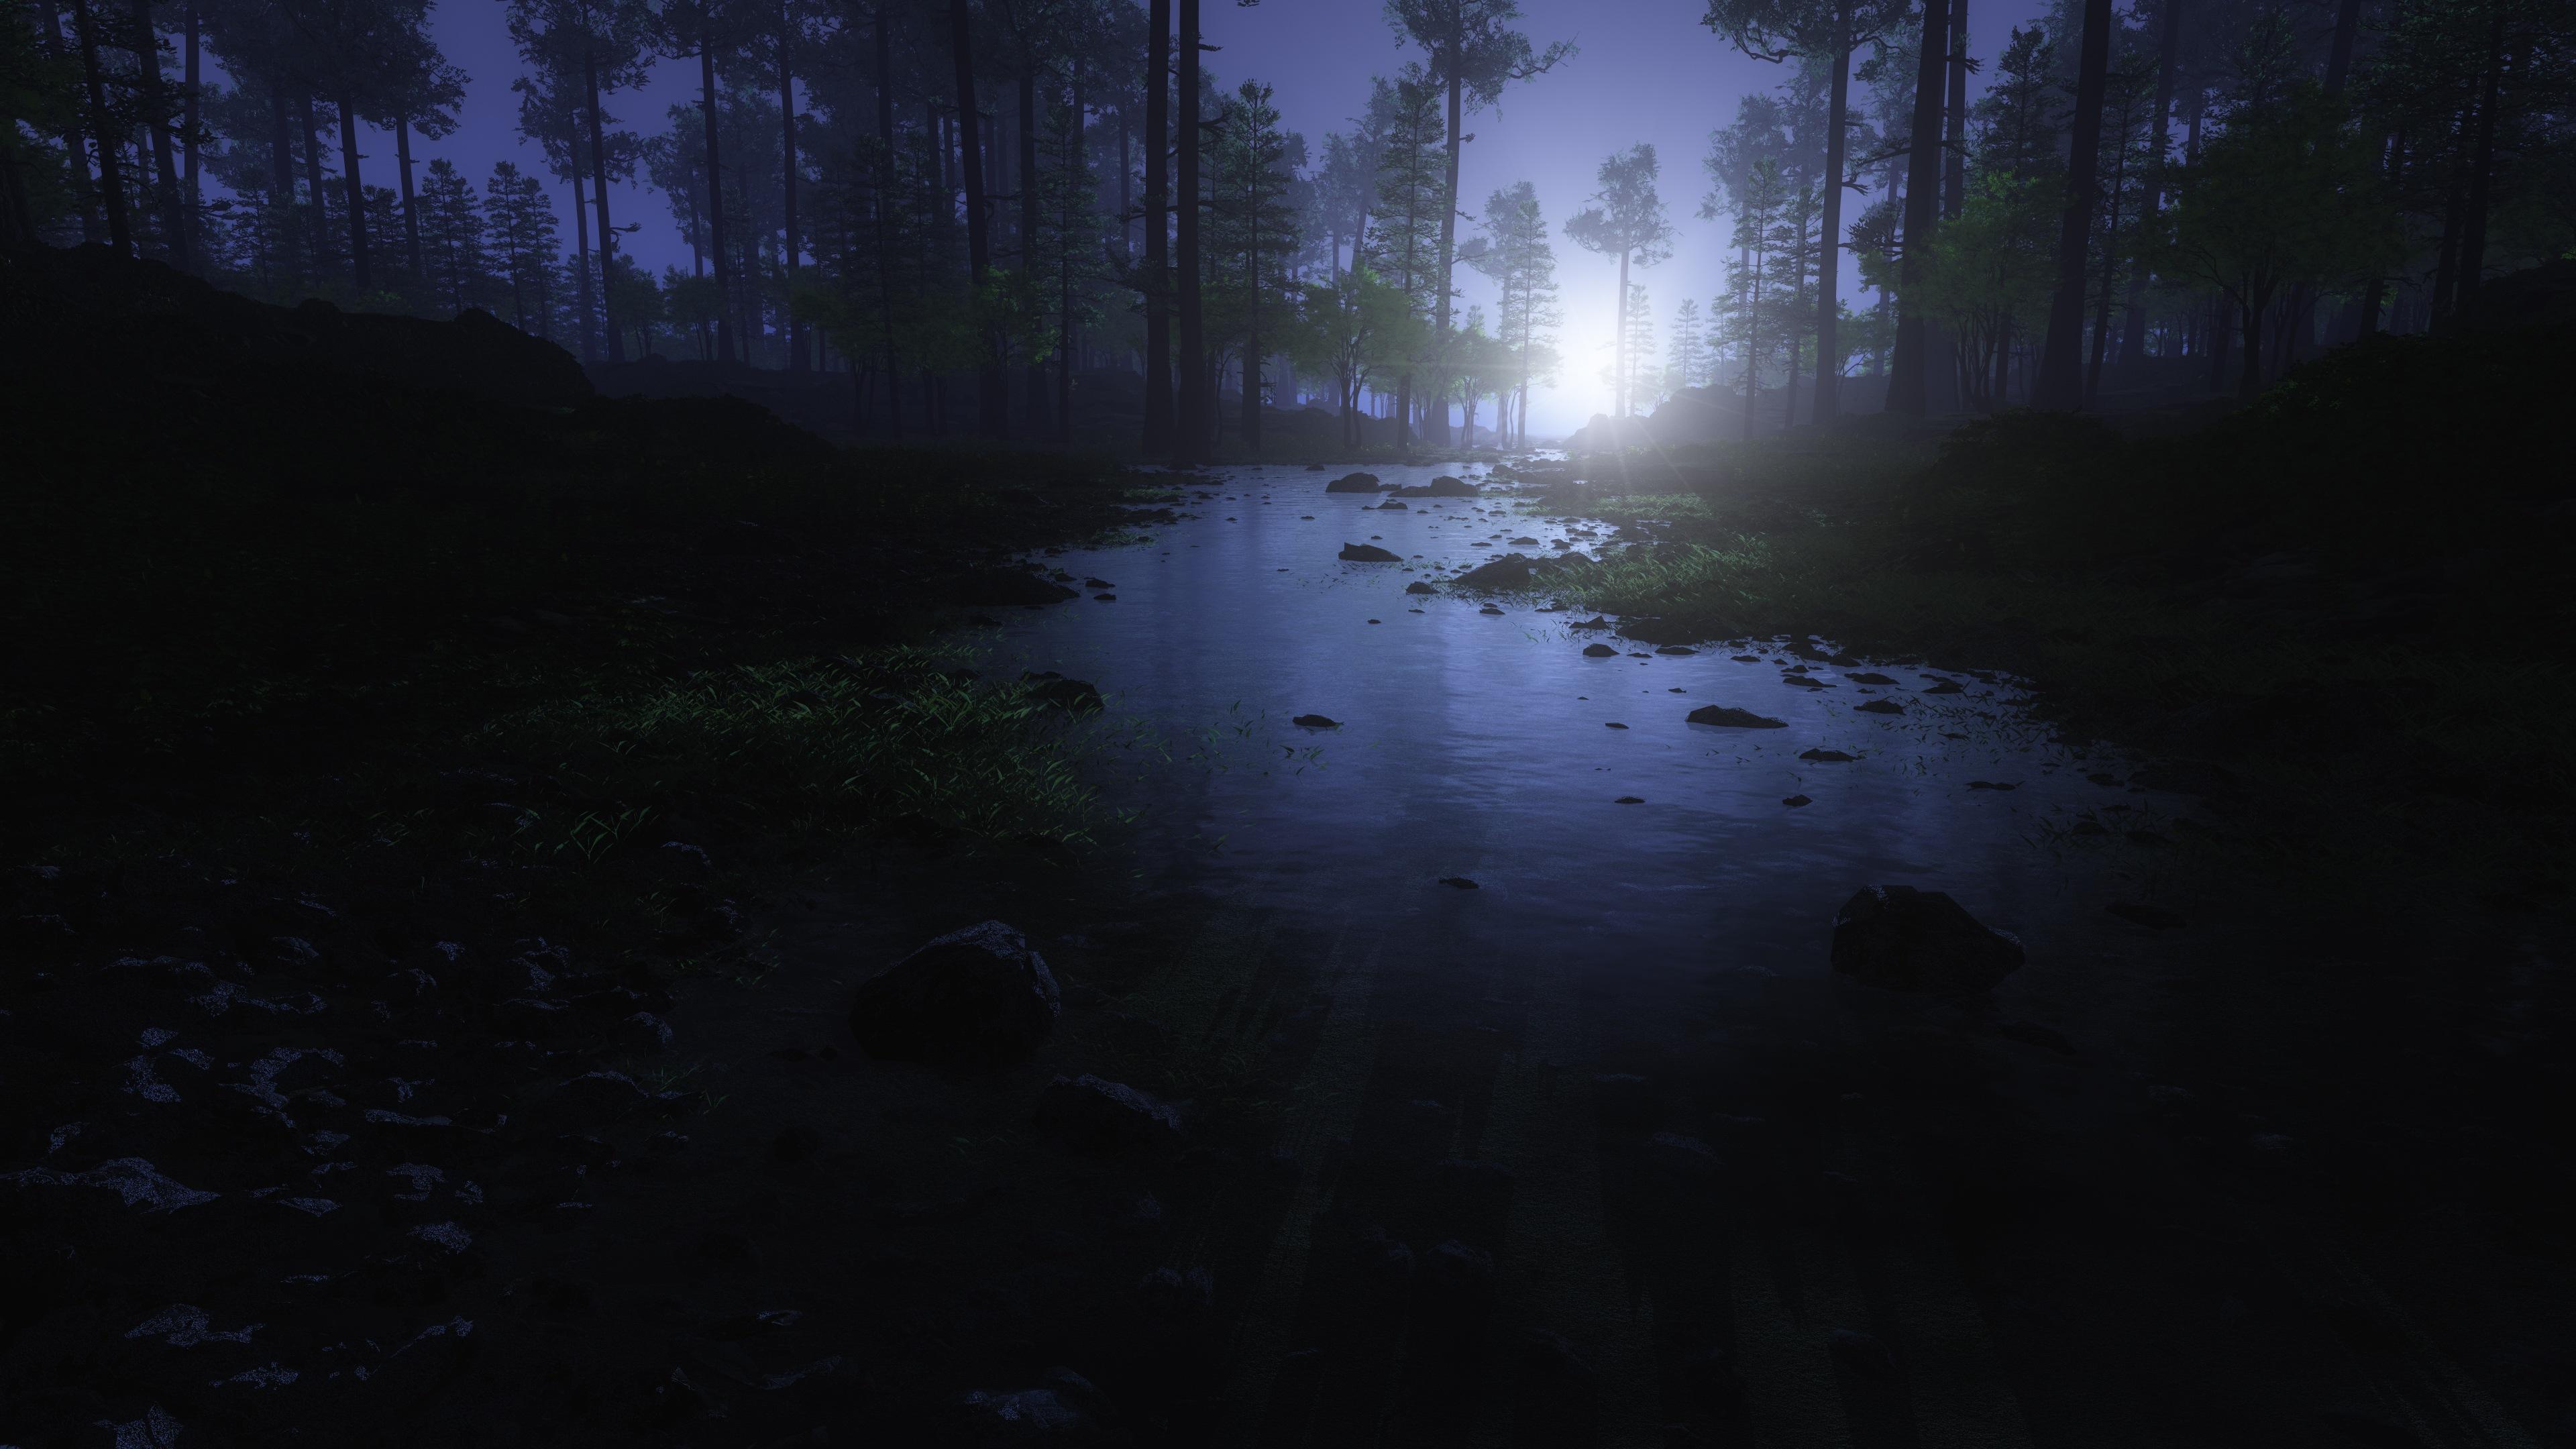 Eerie Moon Shining Forest River 4K Ultra HD Desktop Wallpaper 3840x2160